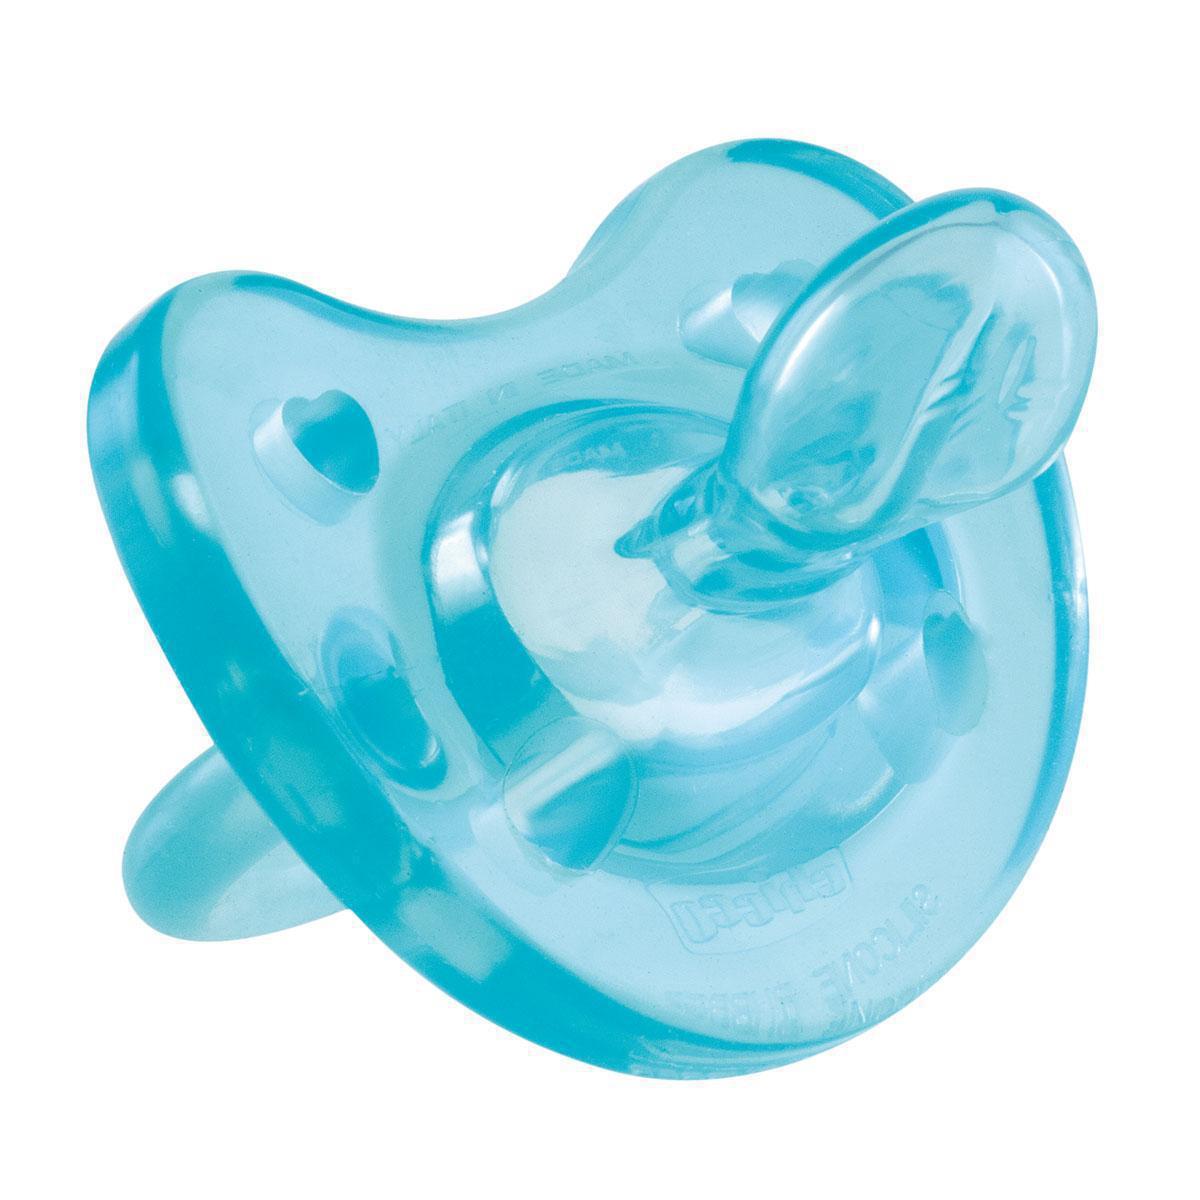 Фото Chicco Пустышка Physio Soft силиконовая от 12 месяцев цвет голубой. Купить  в РФ